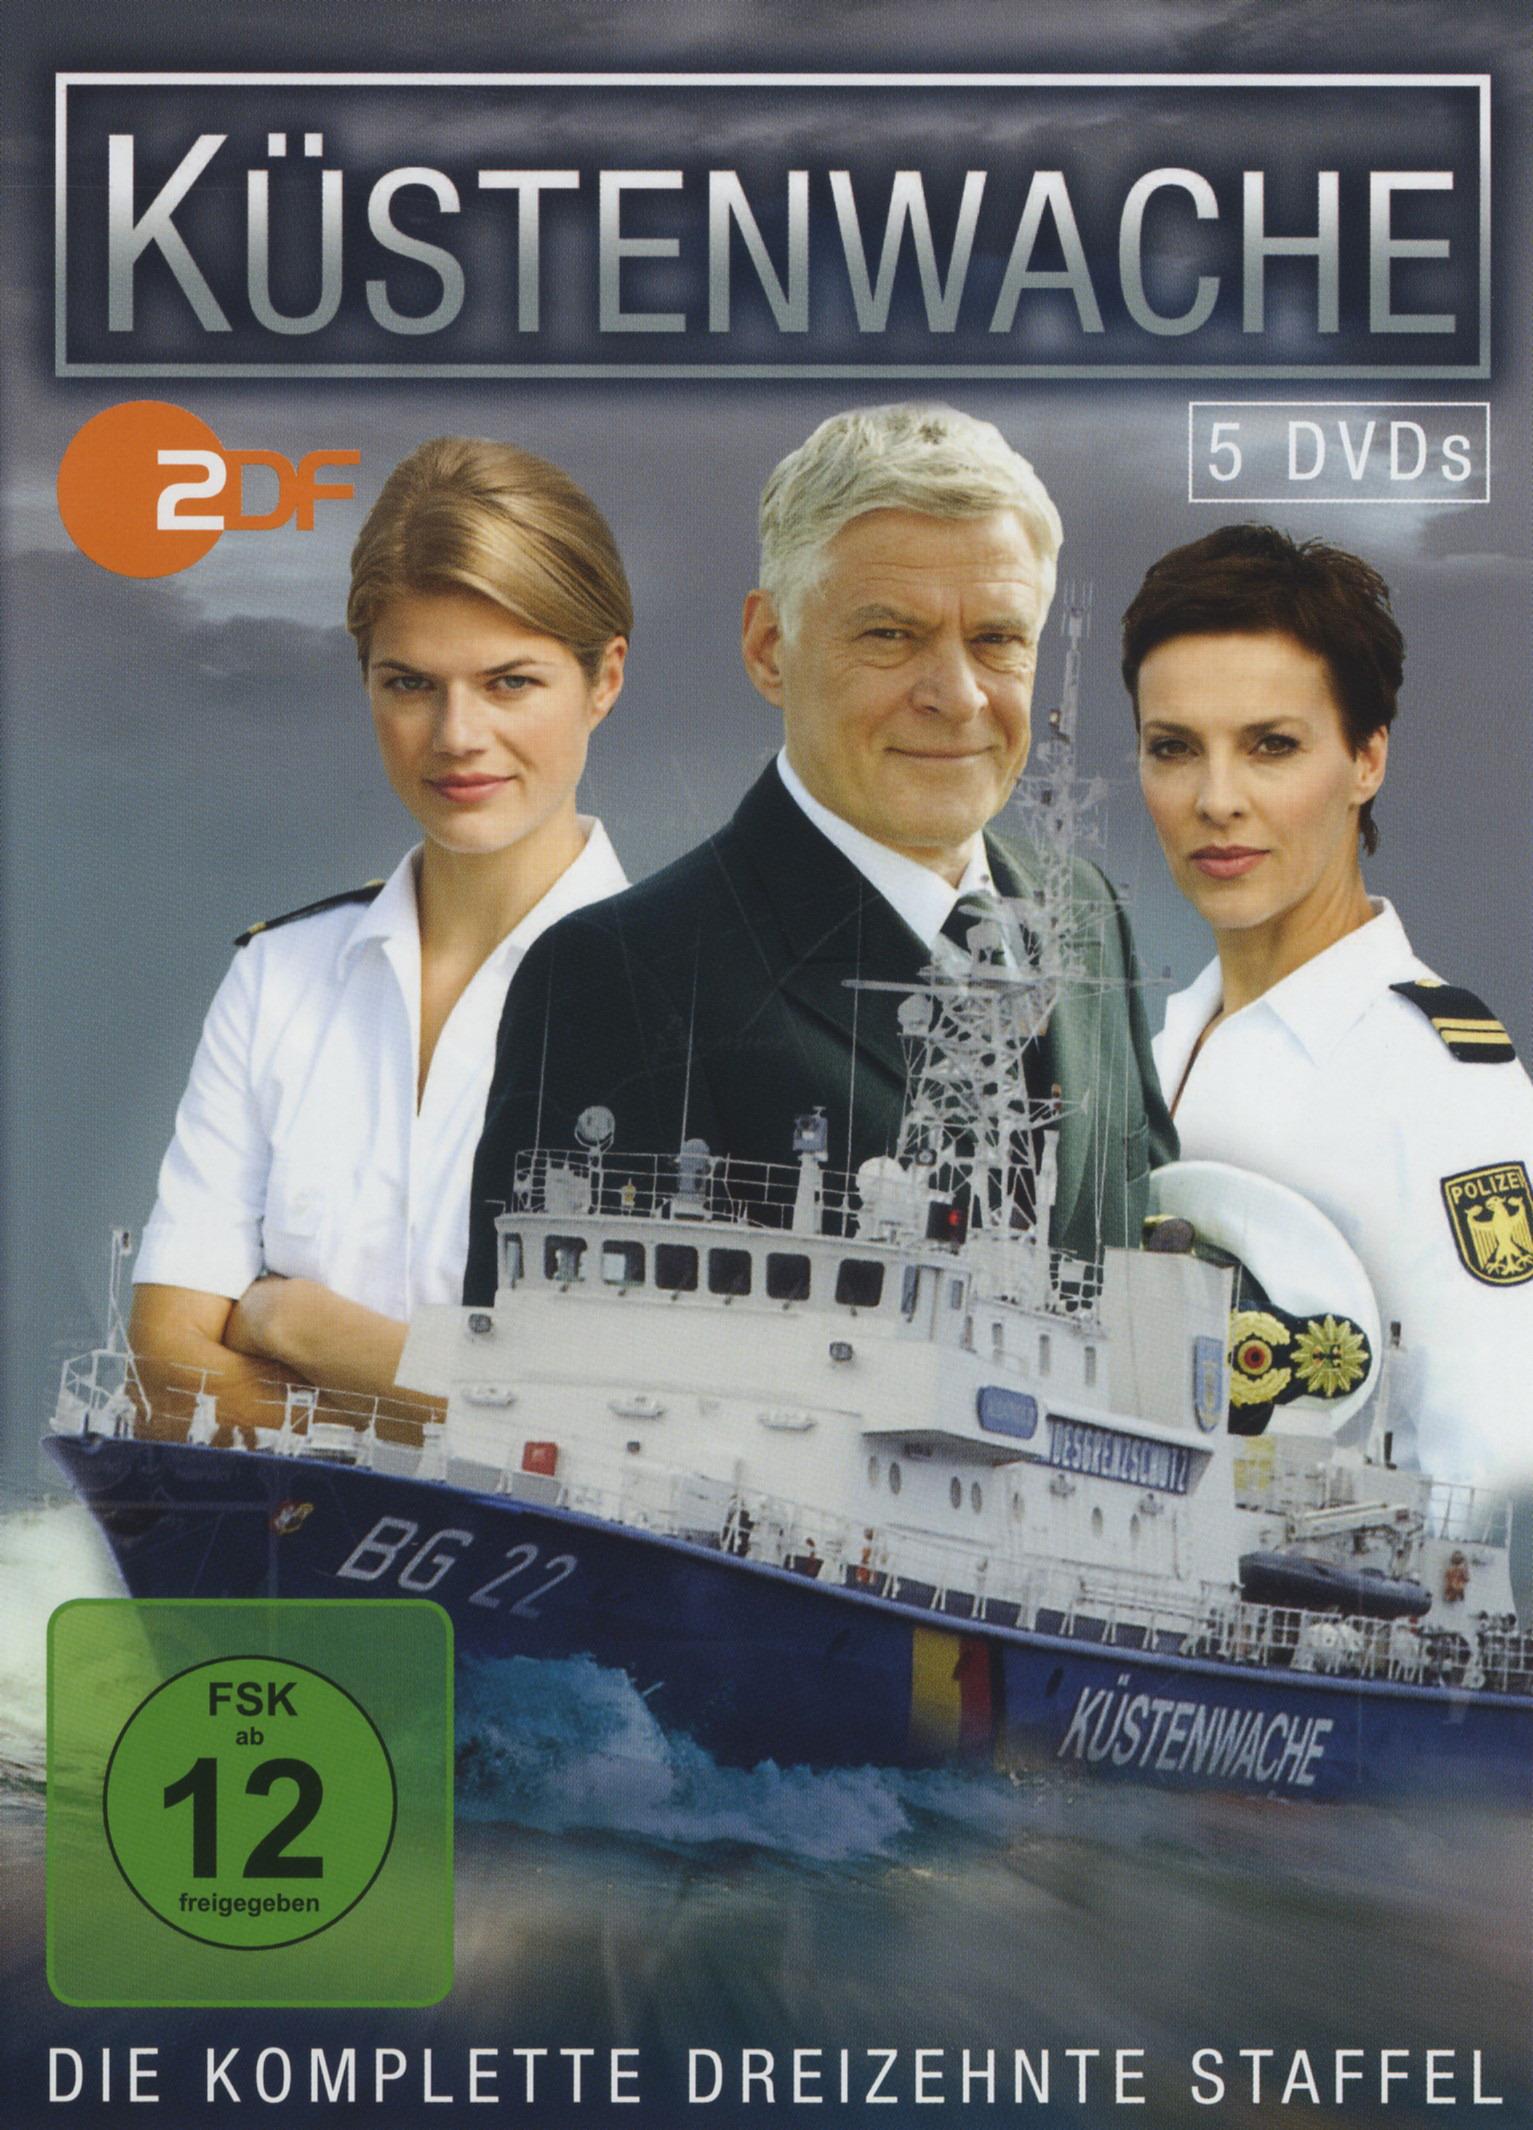 Küstenwache - Die komplette dreizehnte Staffel (5 Discs) Poster